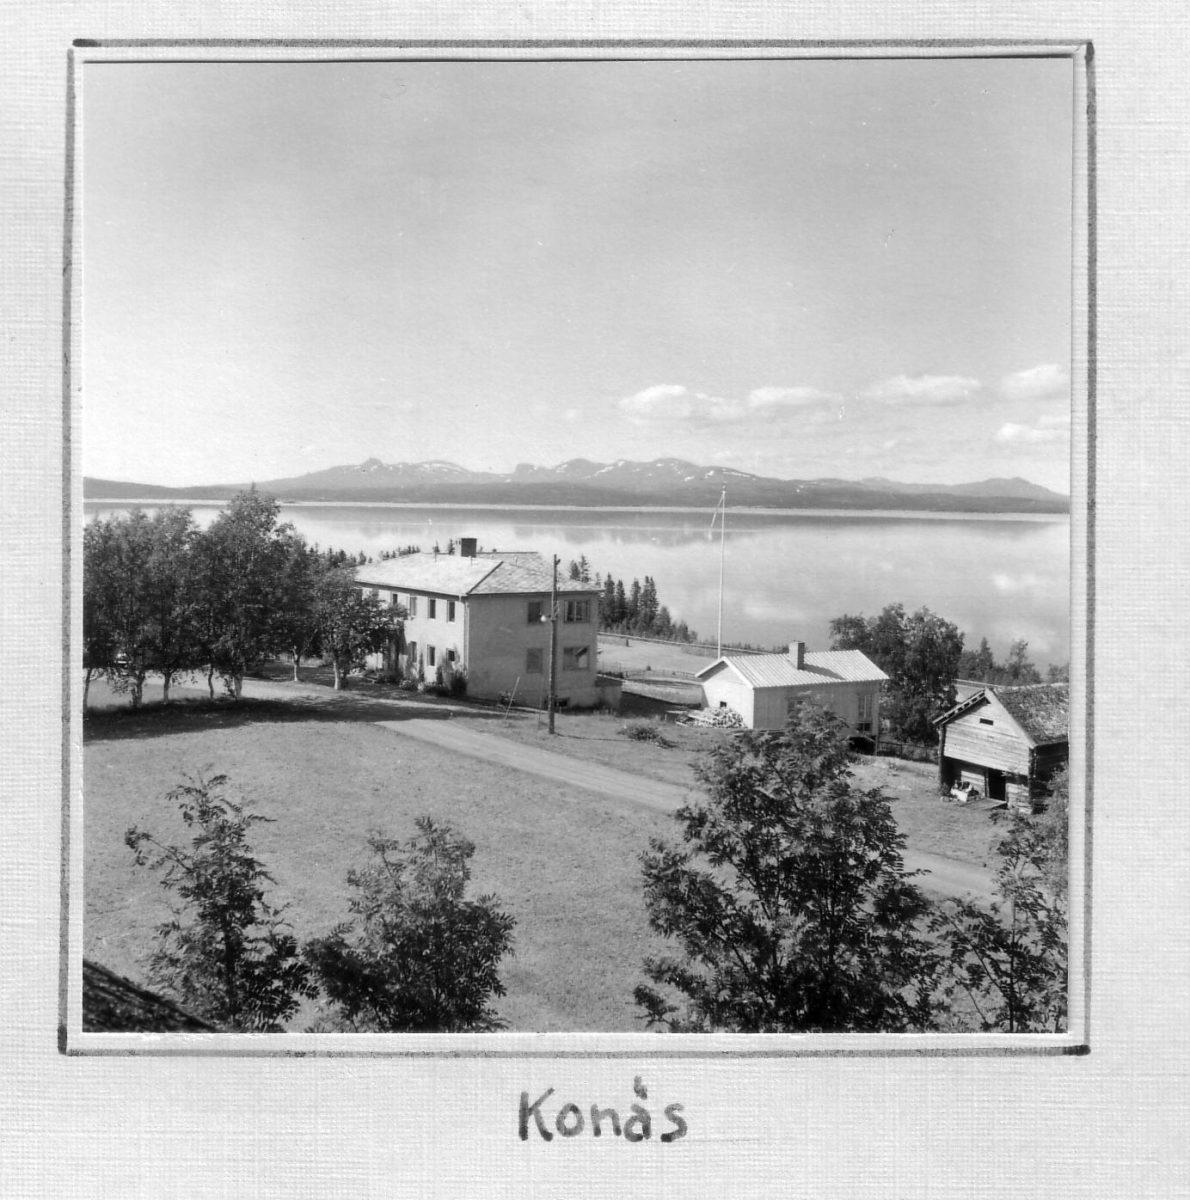 S.51 Konäs